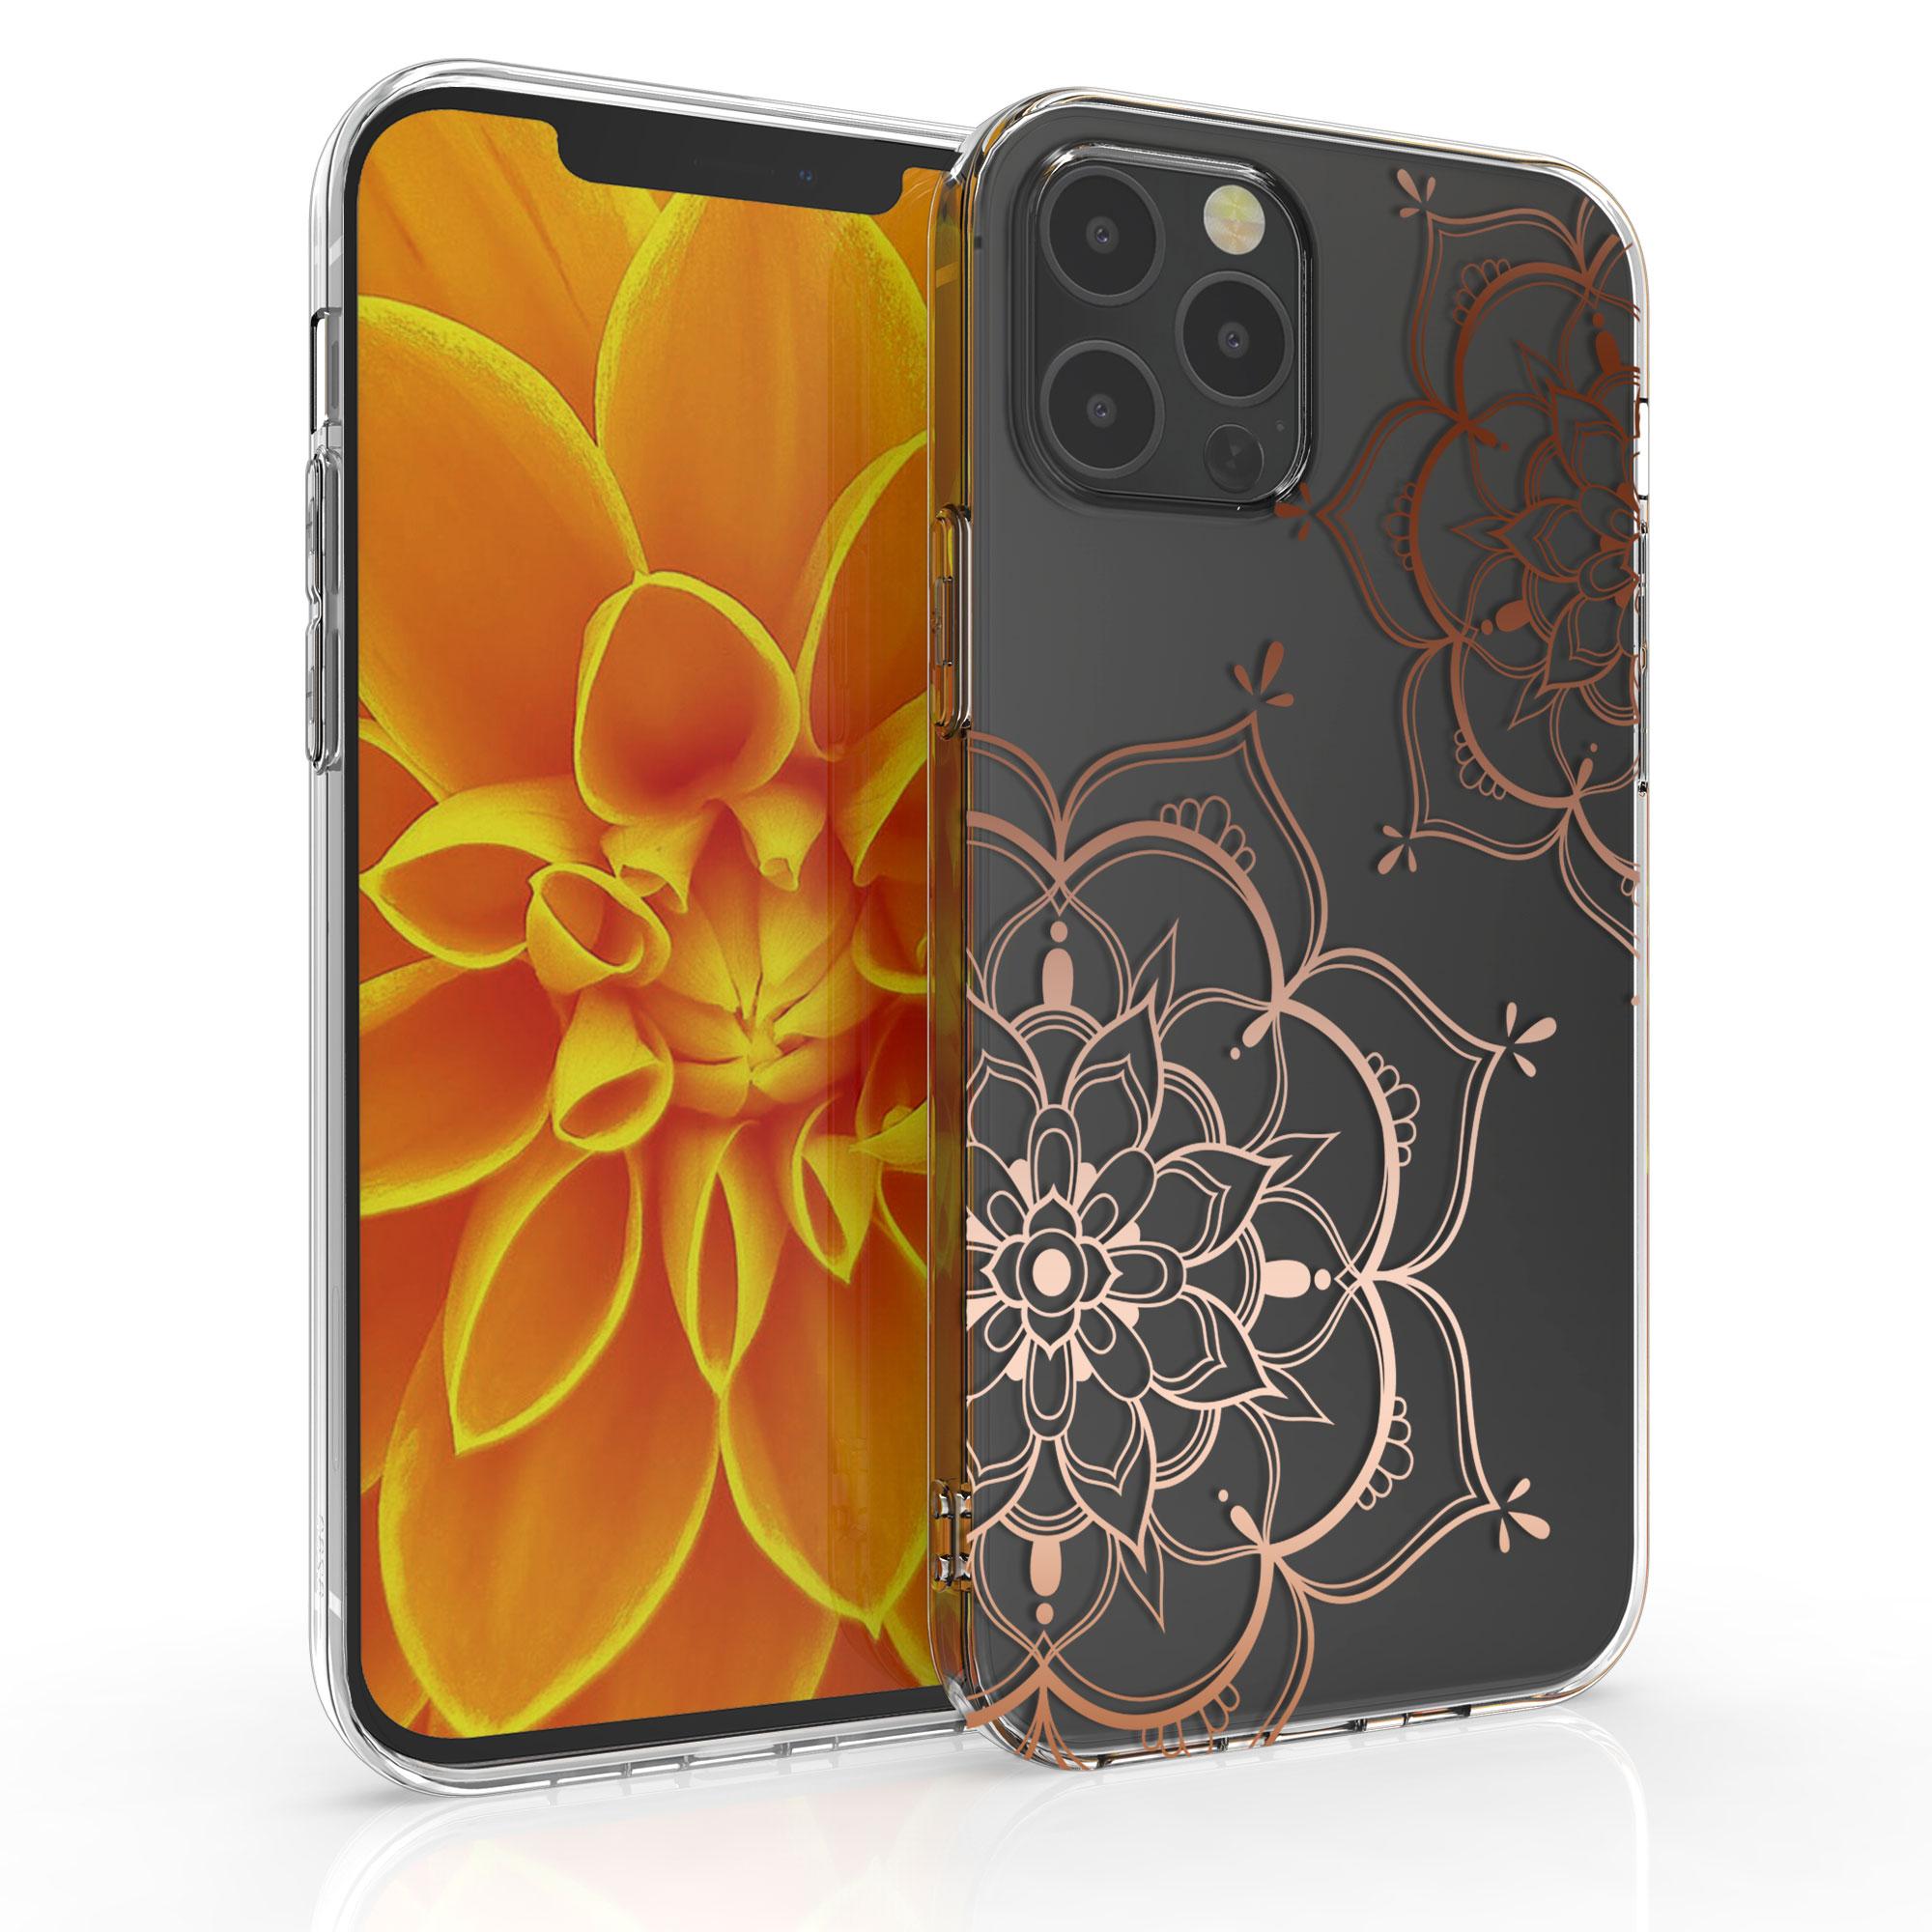 Kvalitní silikonové TPU pouzdro pro Apple iPhone 12 / 12 Pro - Flower Twins Rose Gold | Transparent